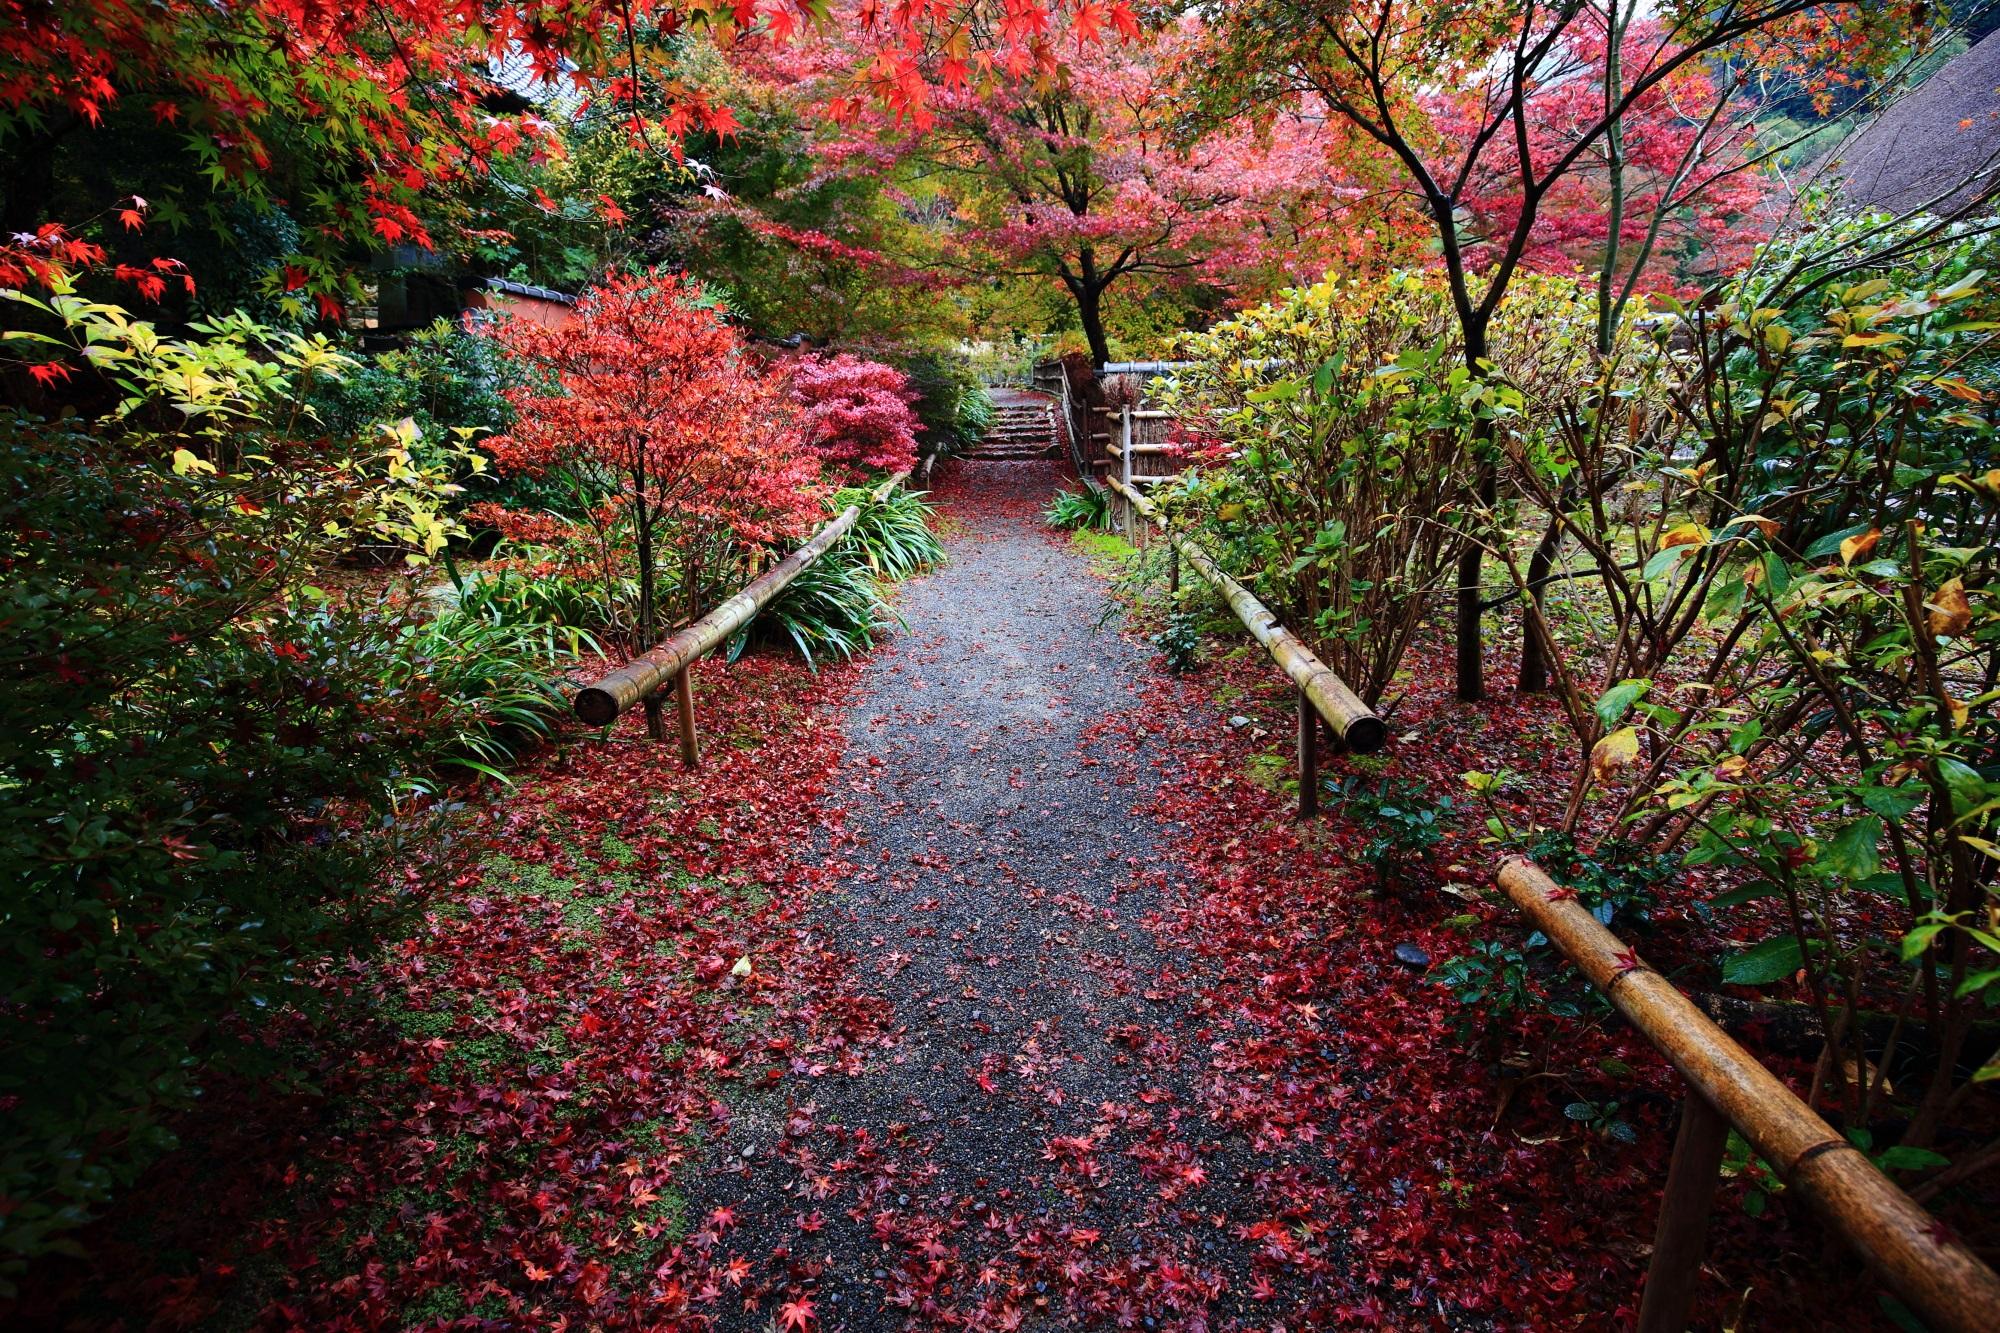 直指庵の阿弥陀堂前の参道の美しい紅葉と散りもみじ